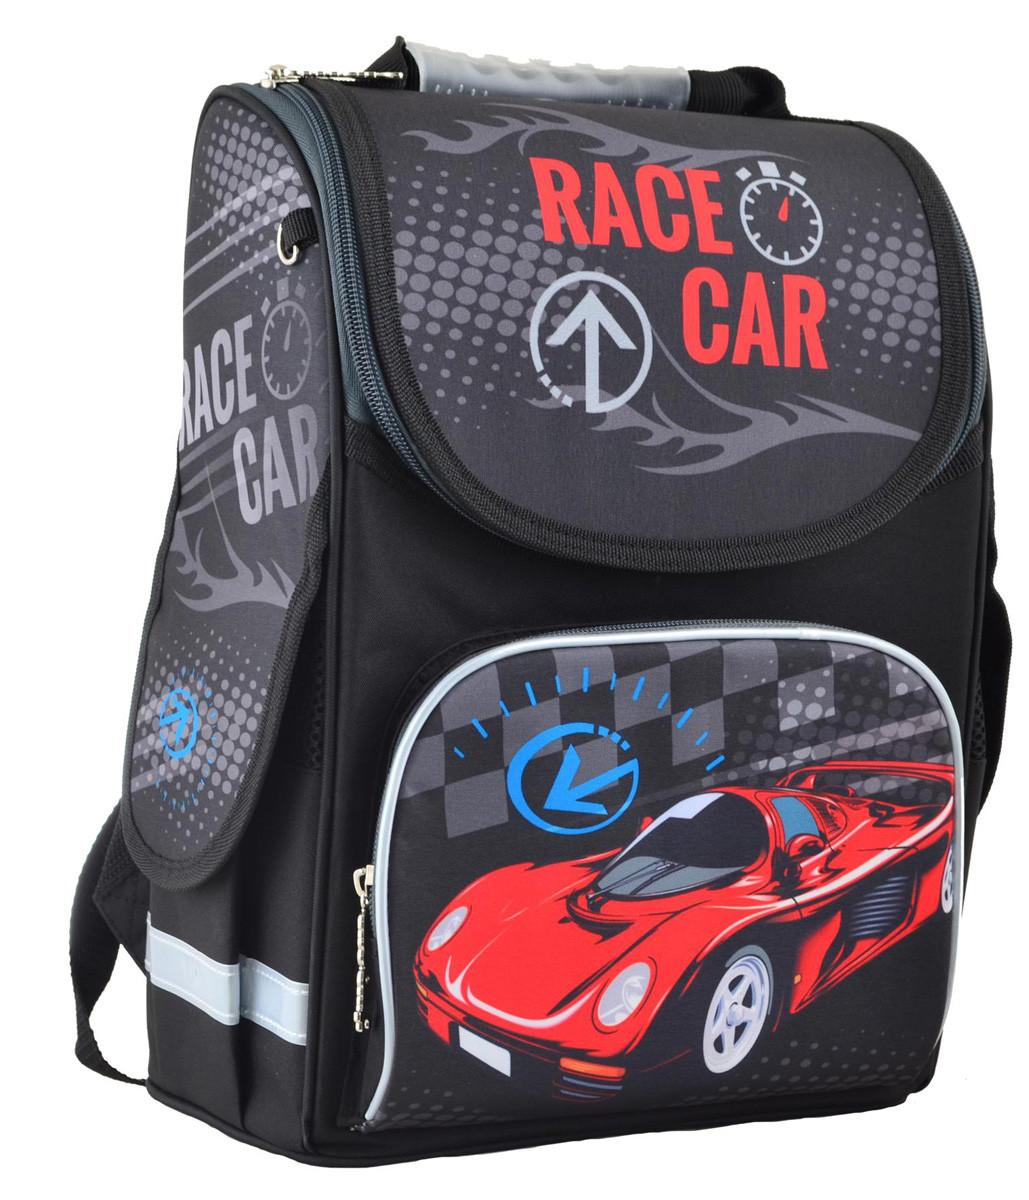 Рюкзак школьный ортопедический каркасный Smart PG-11 Race car 34*26*14 код: 554513